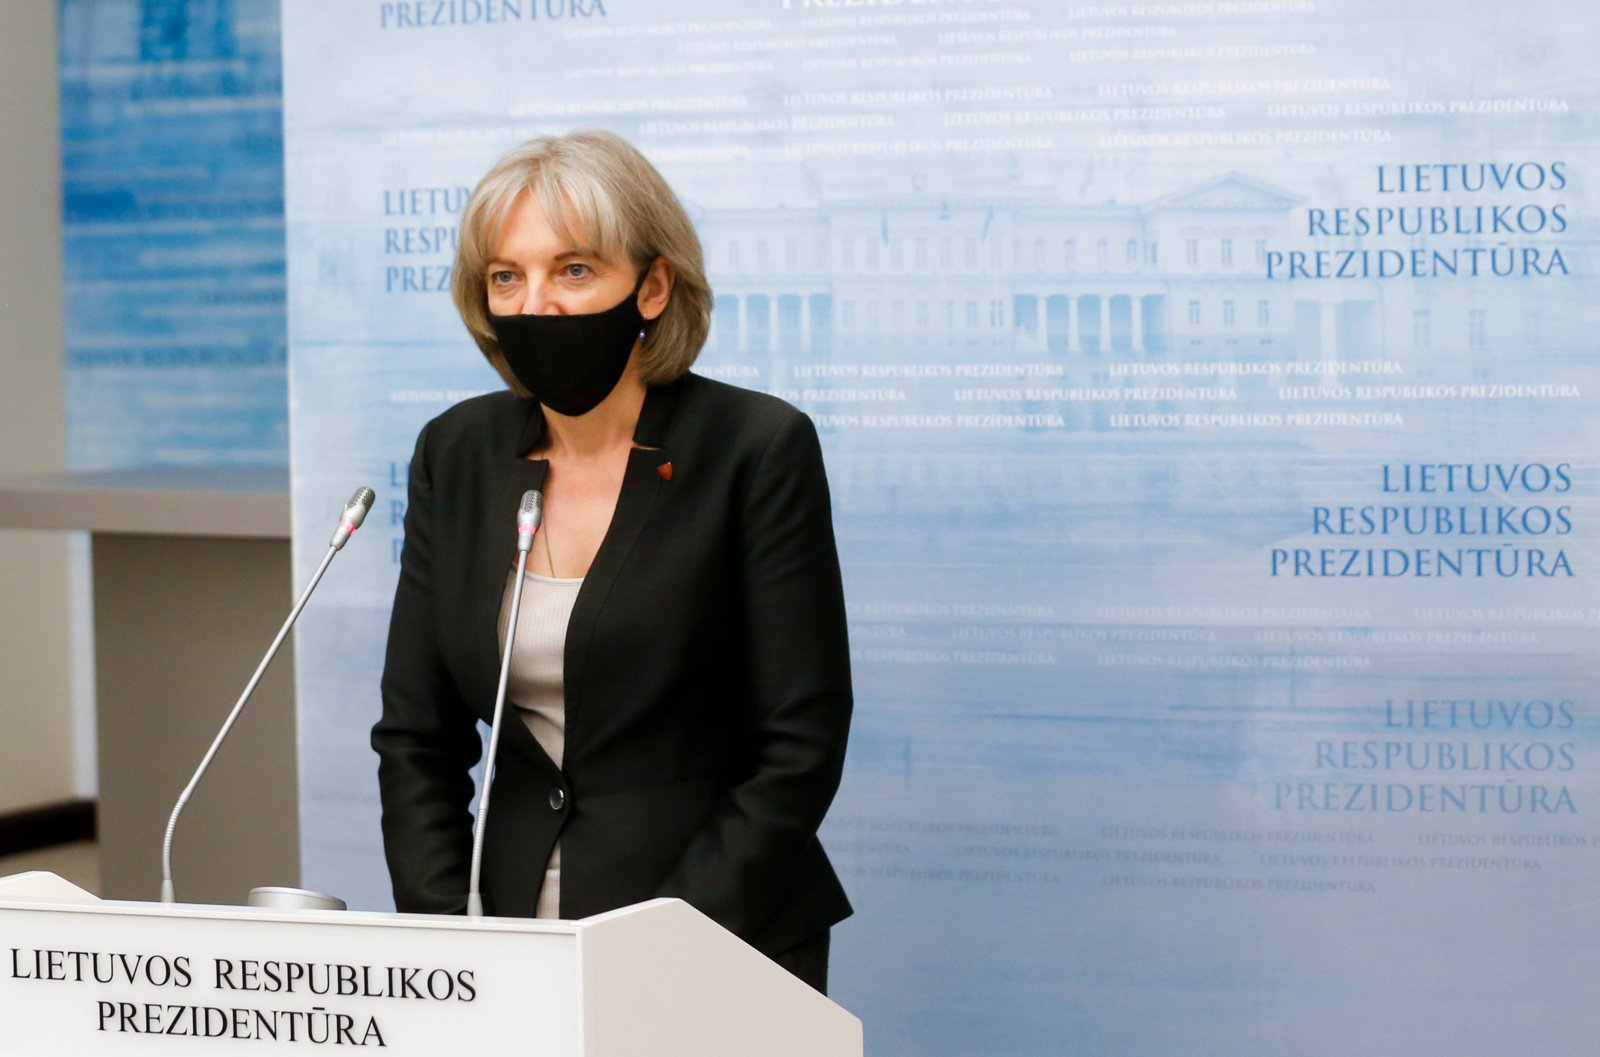 Prezidentūra apie incidentą Baltarusijos pasienyje: tai provokuojamas elgesys, galima bus galvoti apie atsako veiksmus